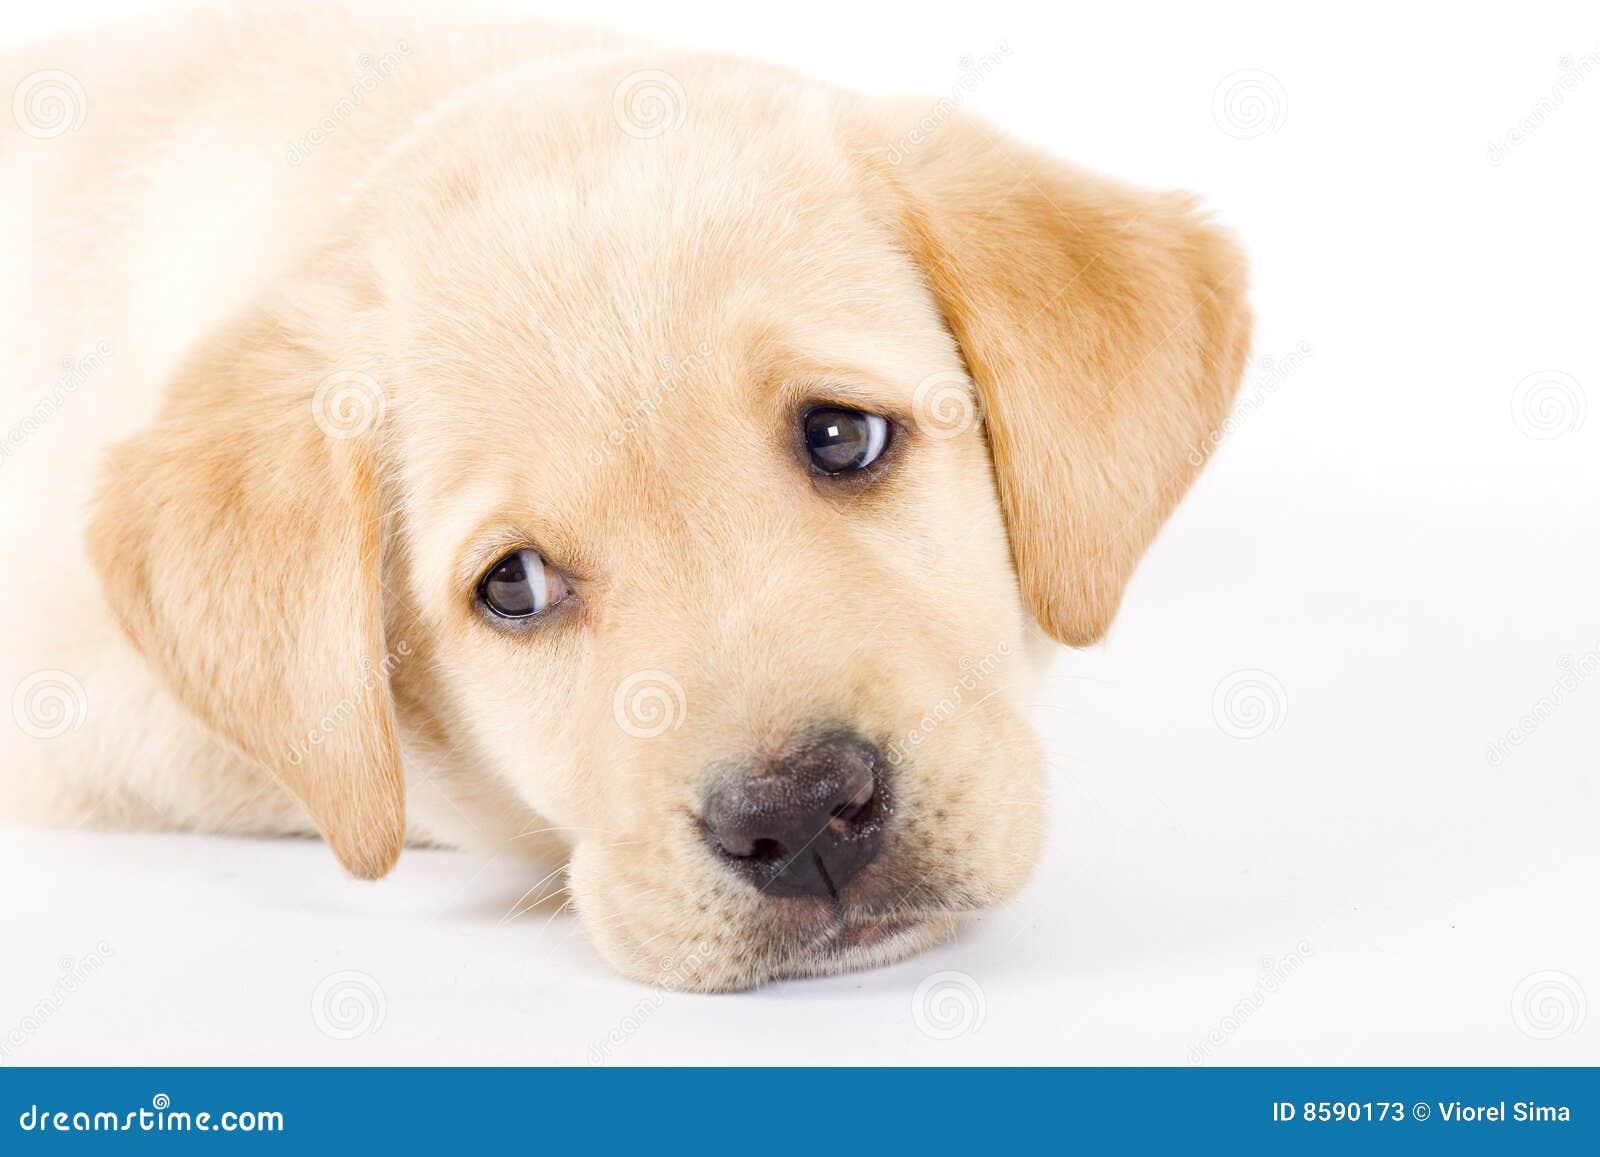 Adorable Dog Collar